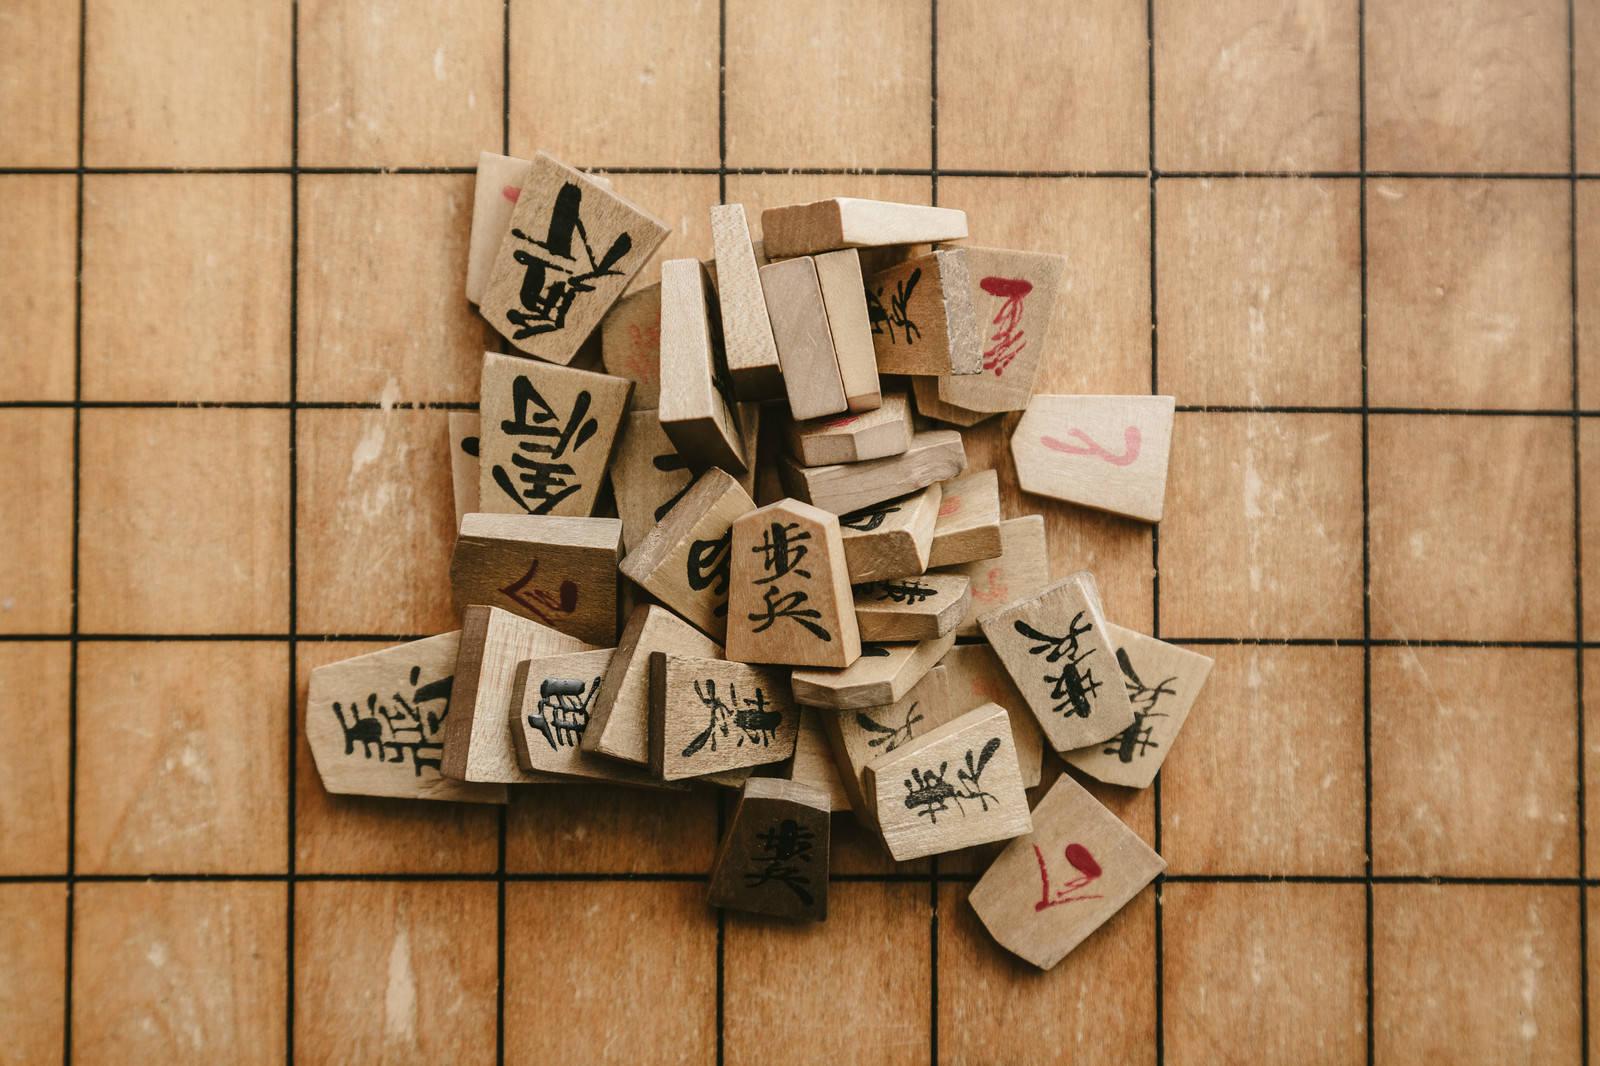 「盤上の将棋倒し盤上の将棋倒し」のフリー写真素材を拡大